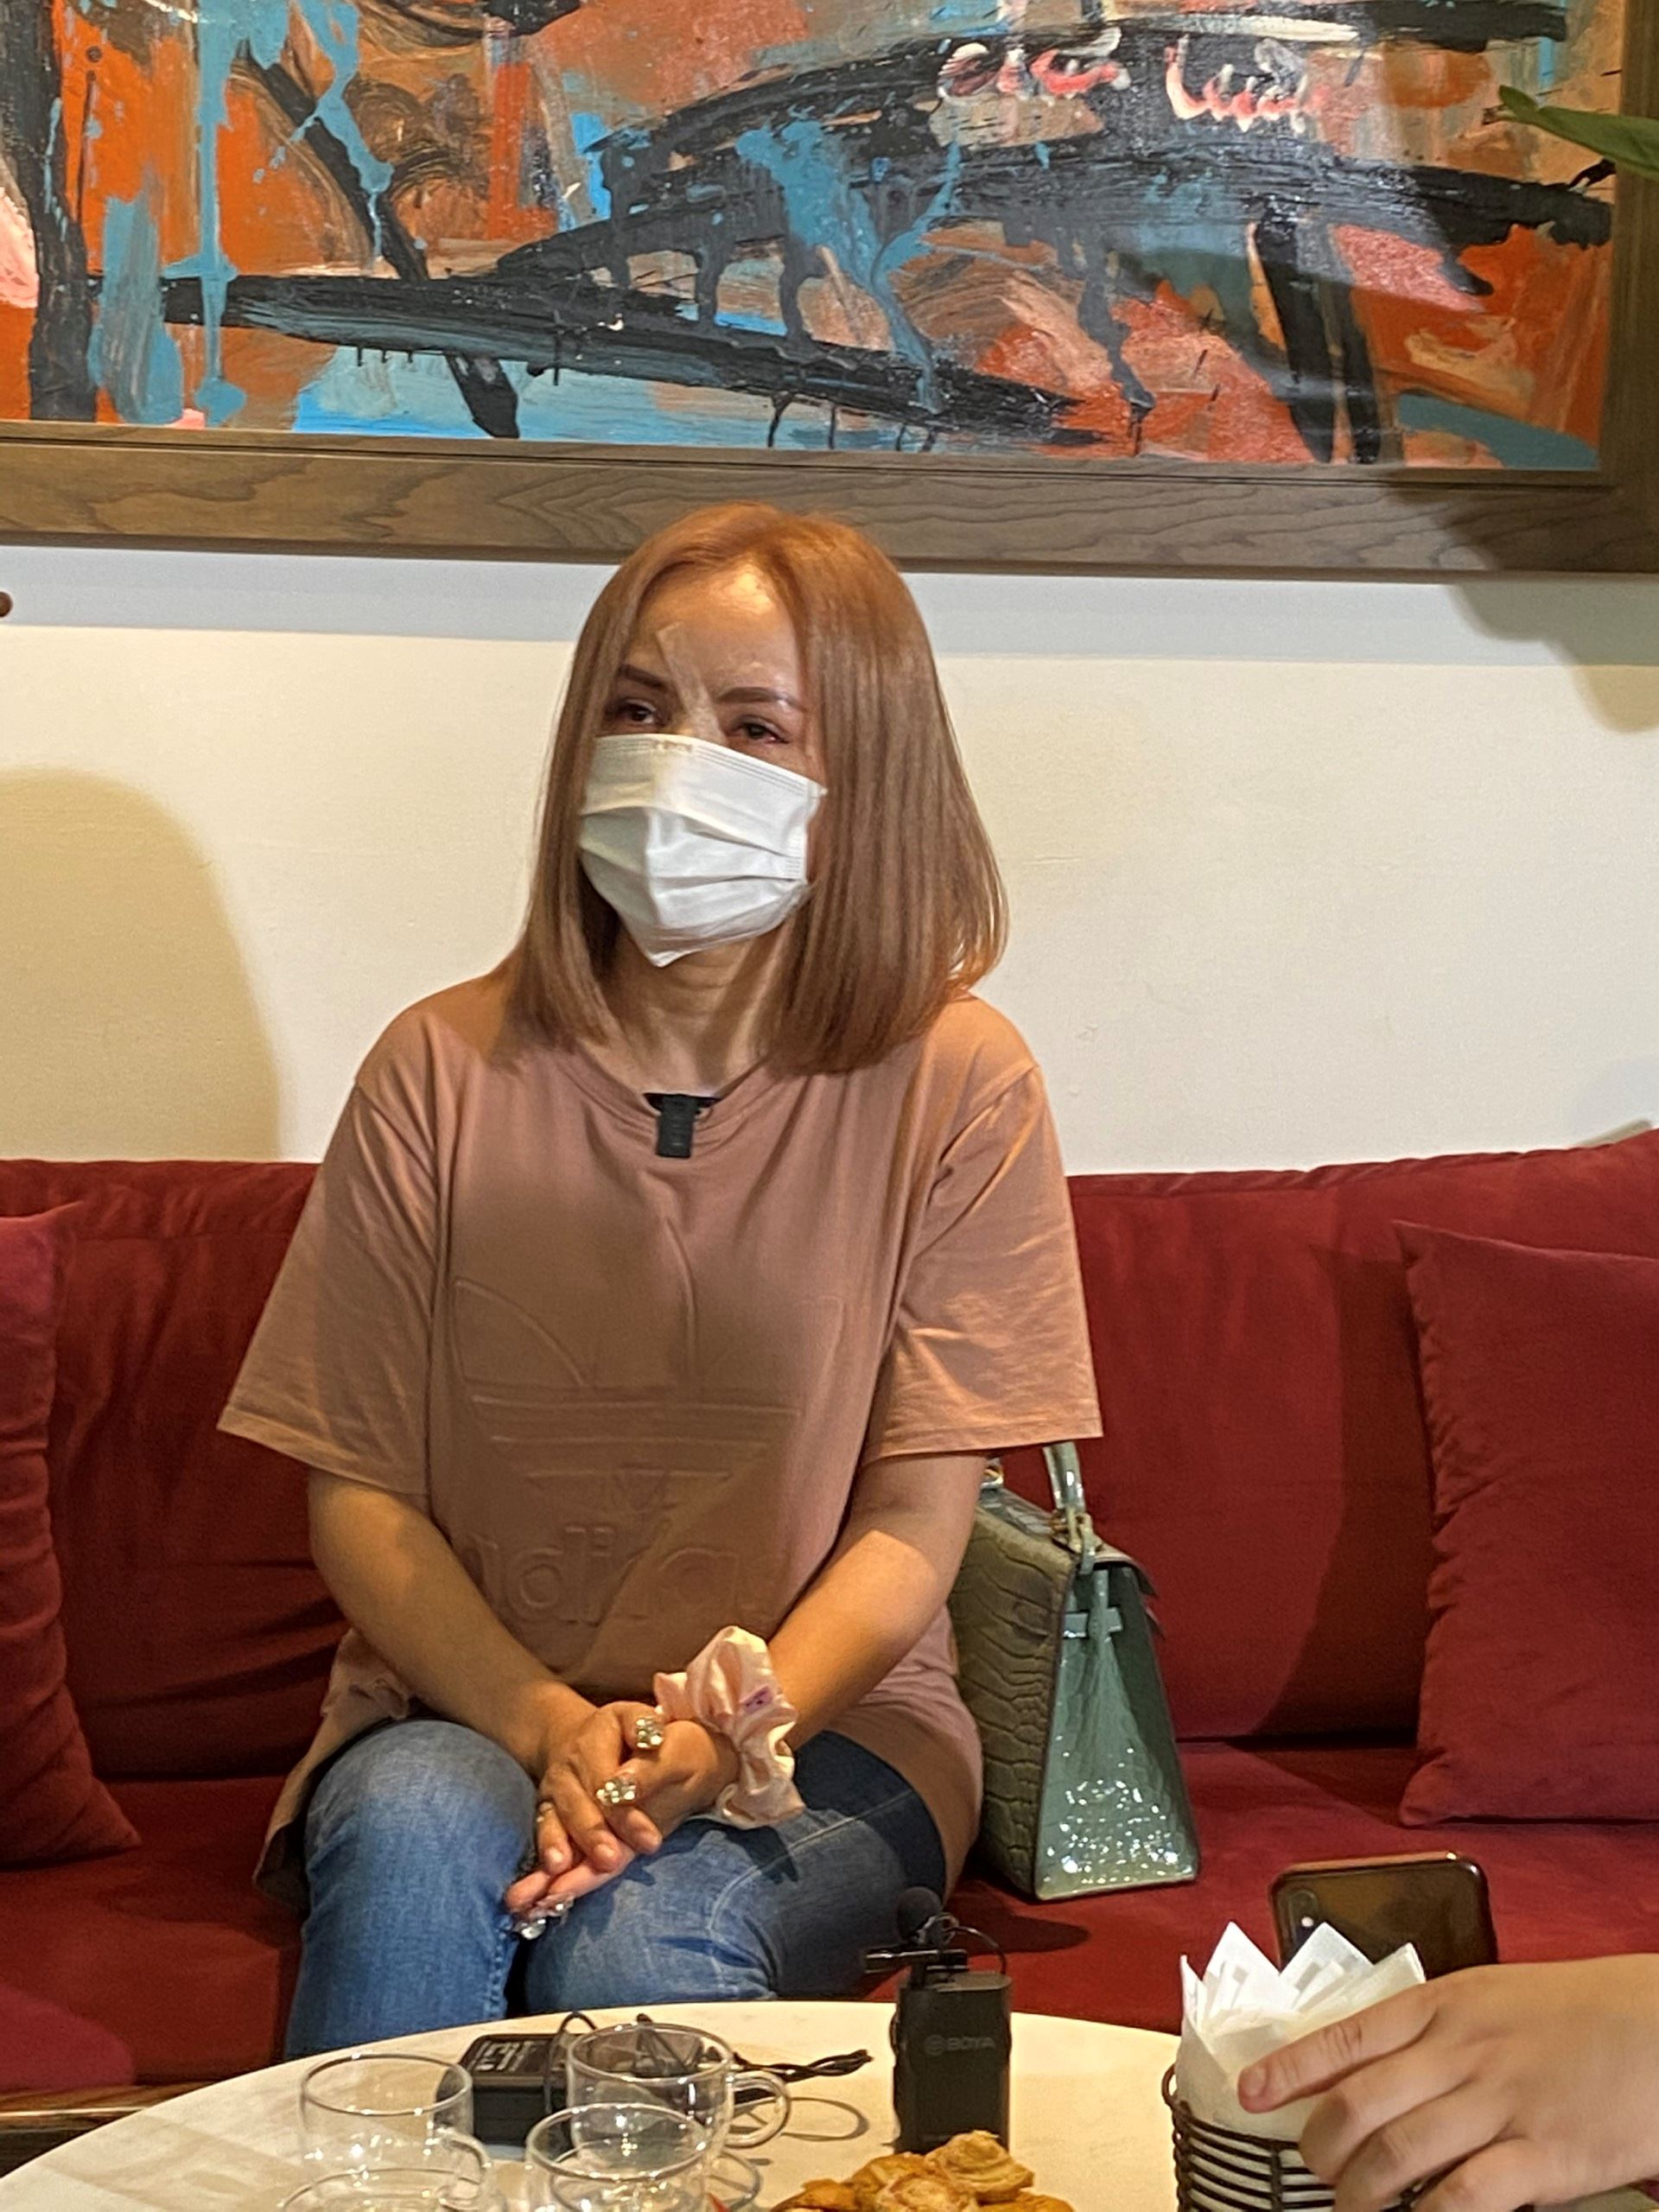 Diễn viên Hoàng Yến lần đầu tiên xuất hiện sau khi bị chồng hành hung với nhiều vết thương trên mặt.